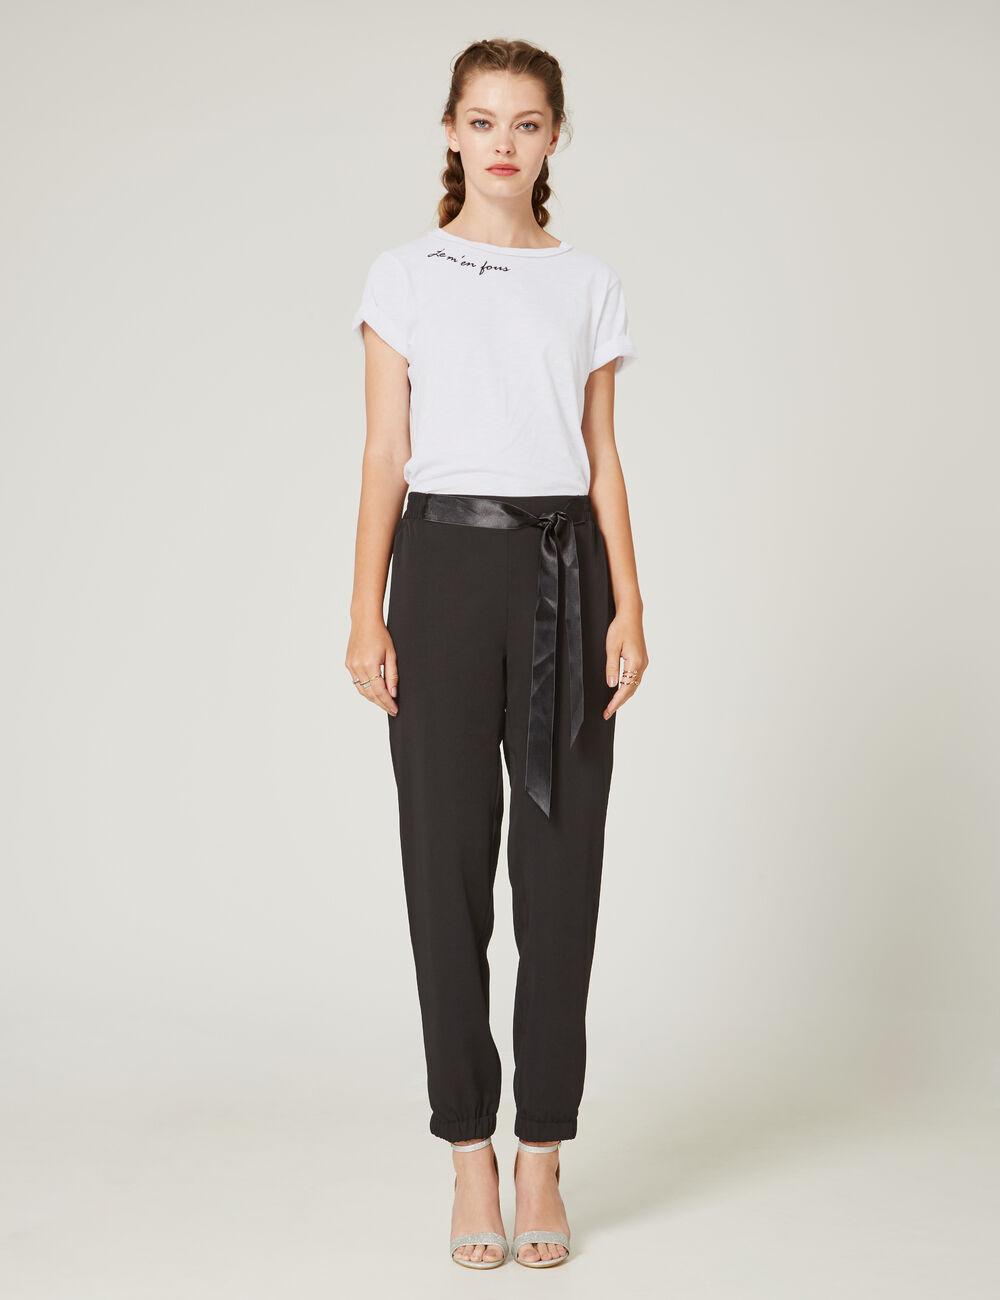 pantalon avec noeud en satin noir femme jennyfer. Black Bedroom Furniture Sets. Home Design Ideas